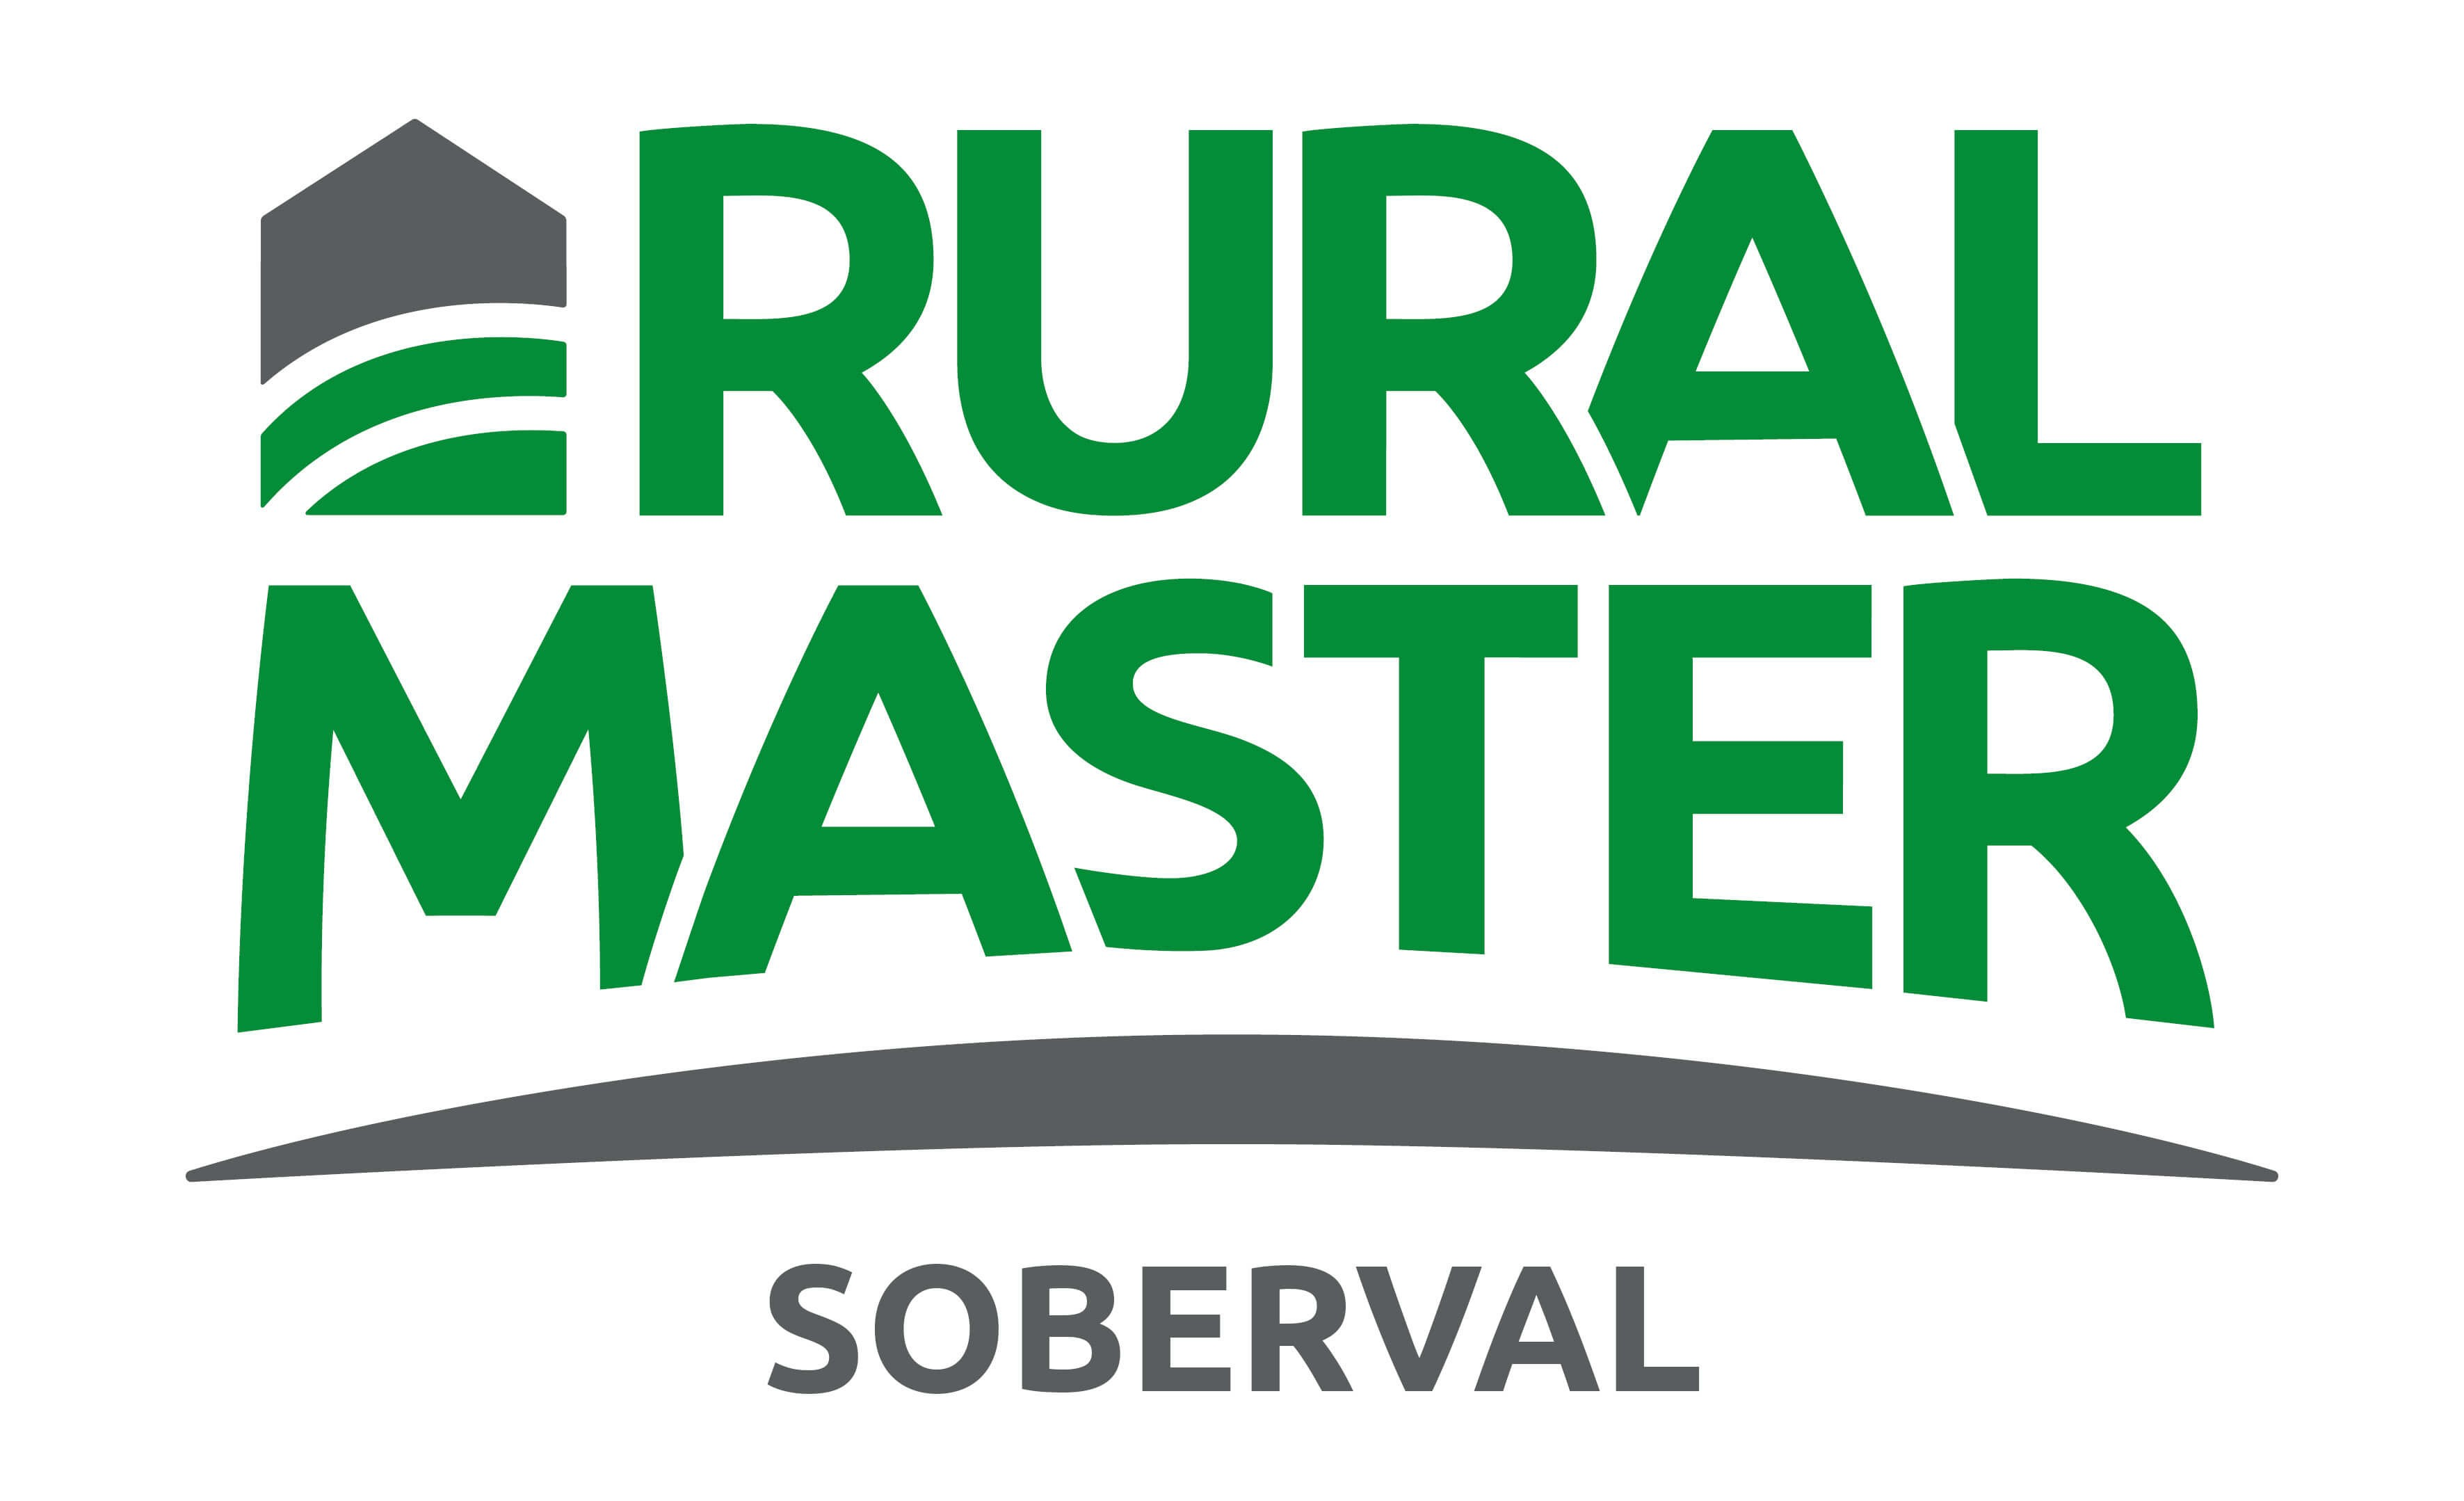 Rural Master EVREUX - SOBERVAL